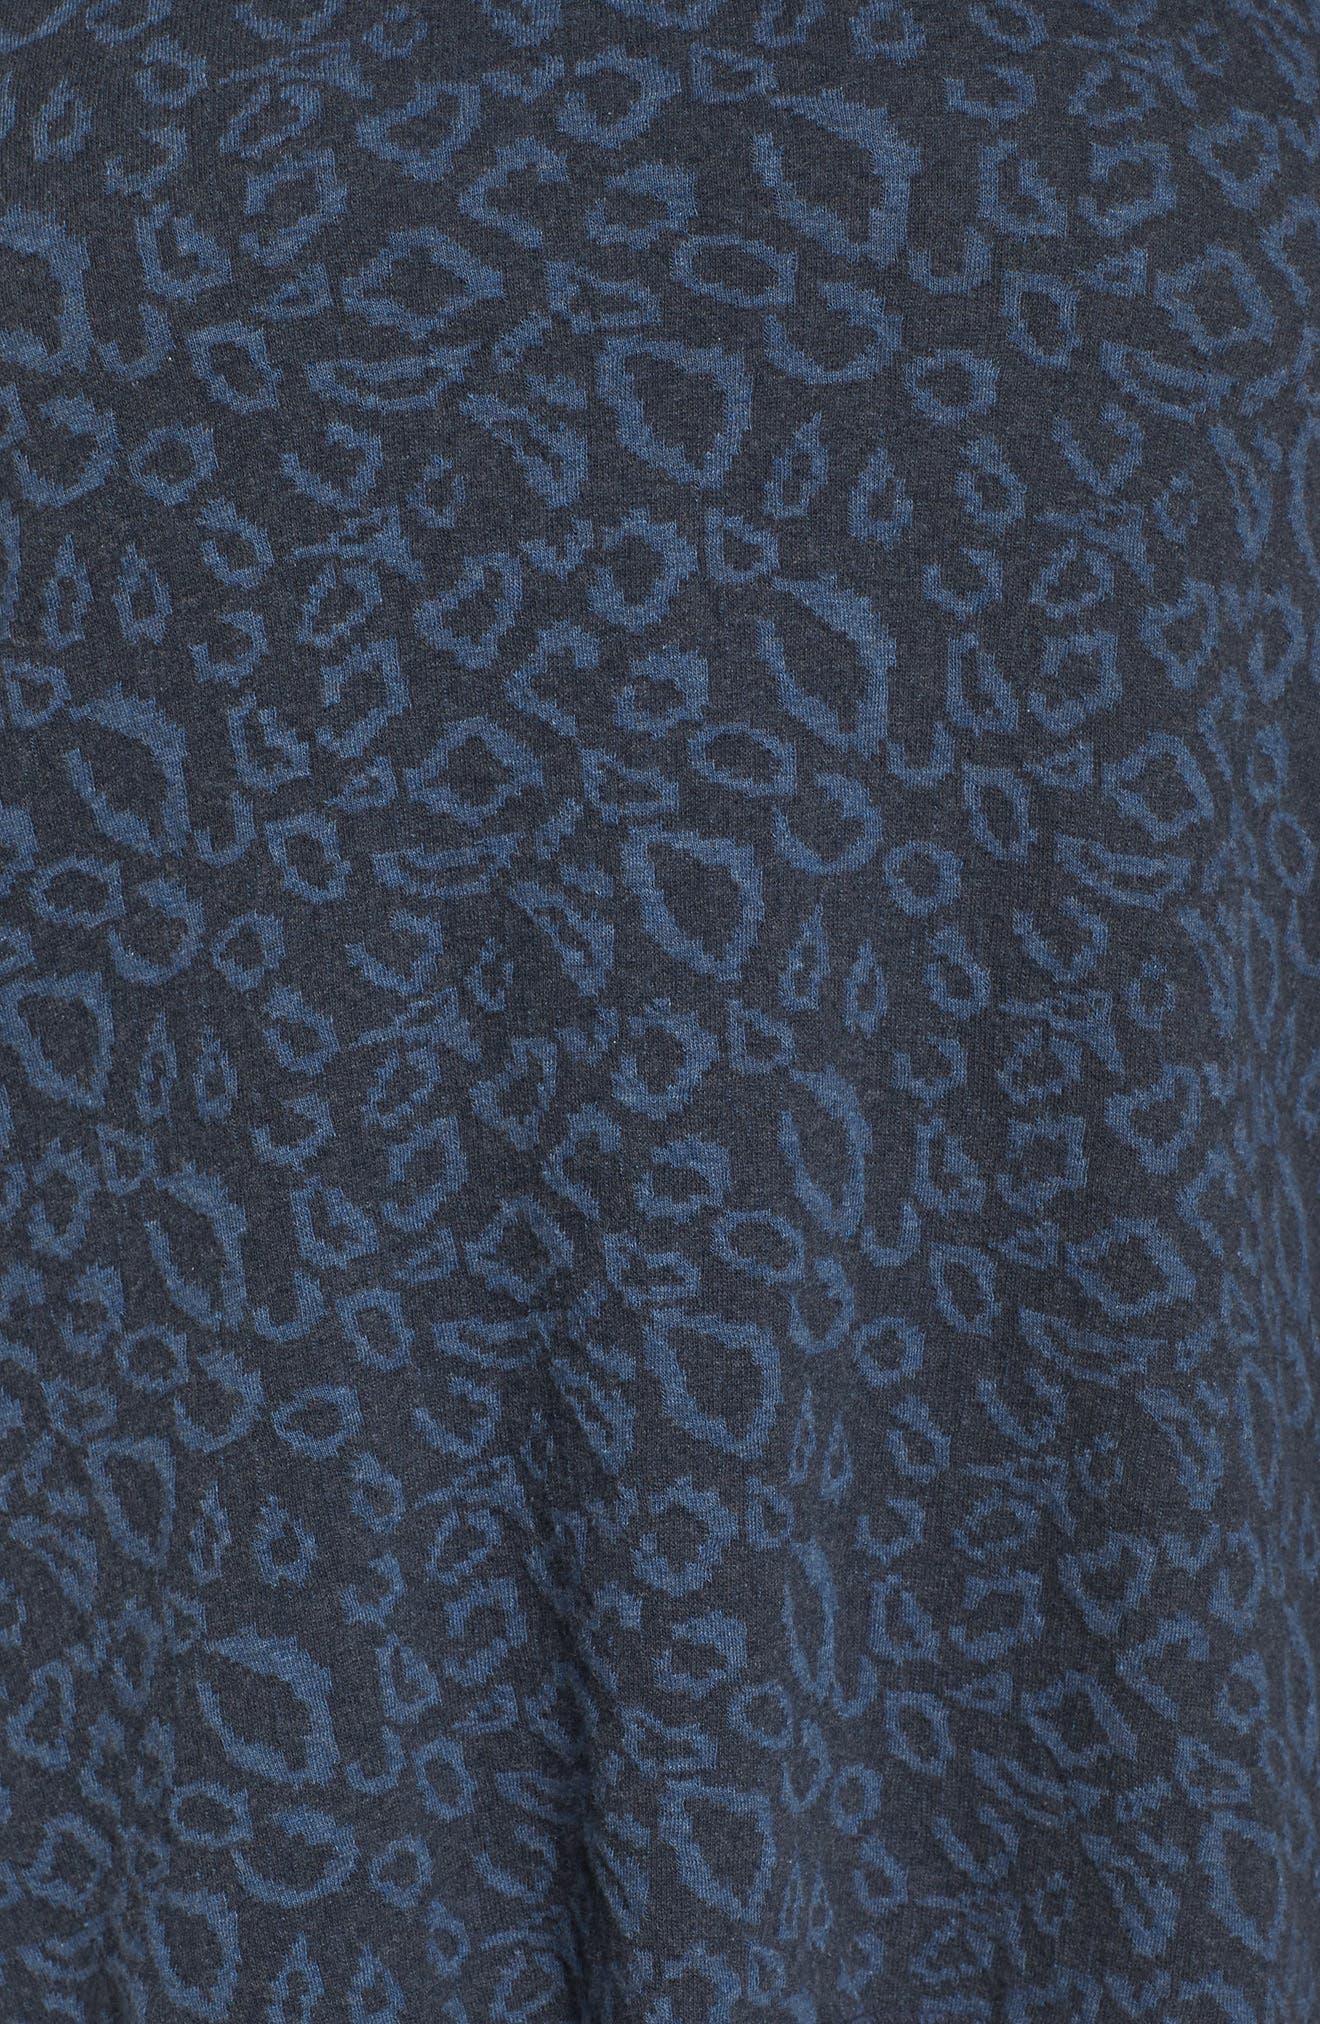 Cheetah Print Top,                             Alternate thumbnail 5, color,                             460